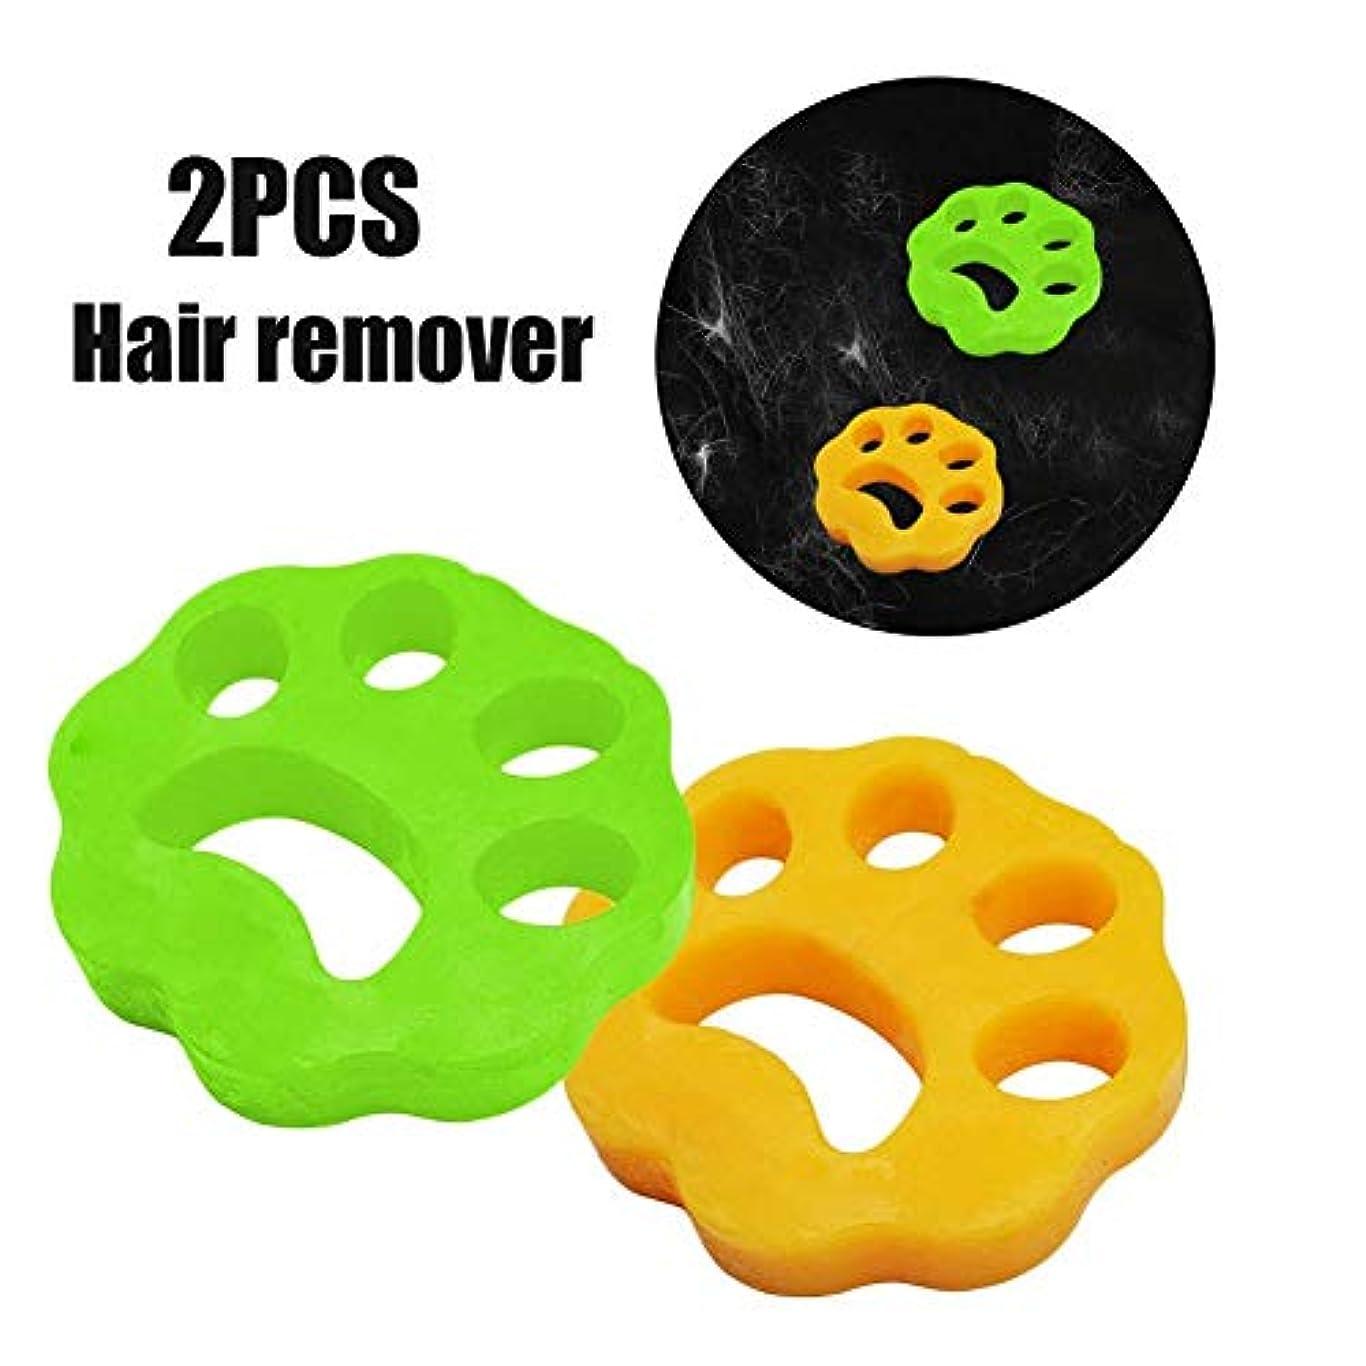 ホイットニー視聴者名誉ある2PCSクリーニングボール洗濯機脱毛器 - ペットの毛髪の服のヘアリムーバー乾燥機 - ペットの毛の取り外しパッド(ビスコース)